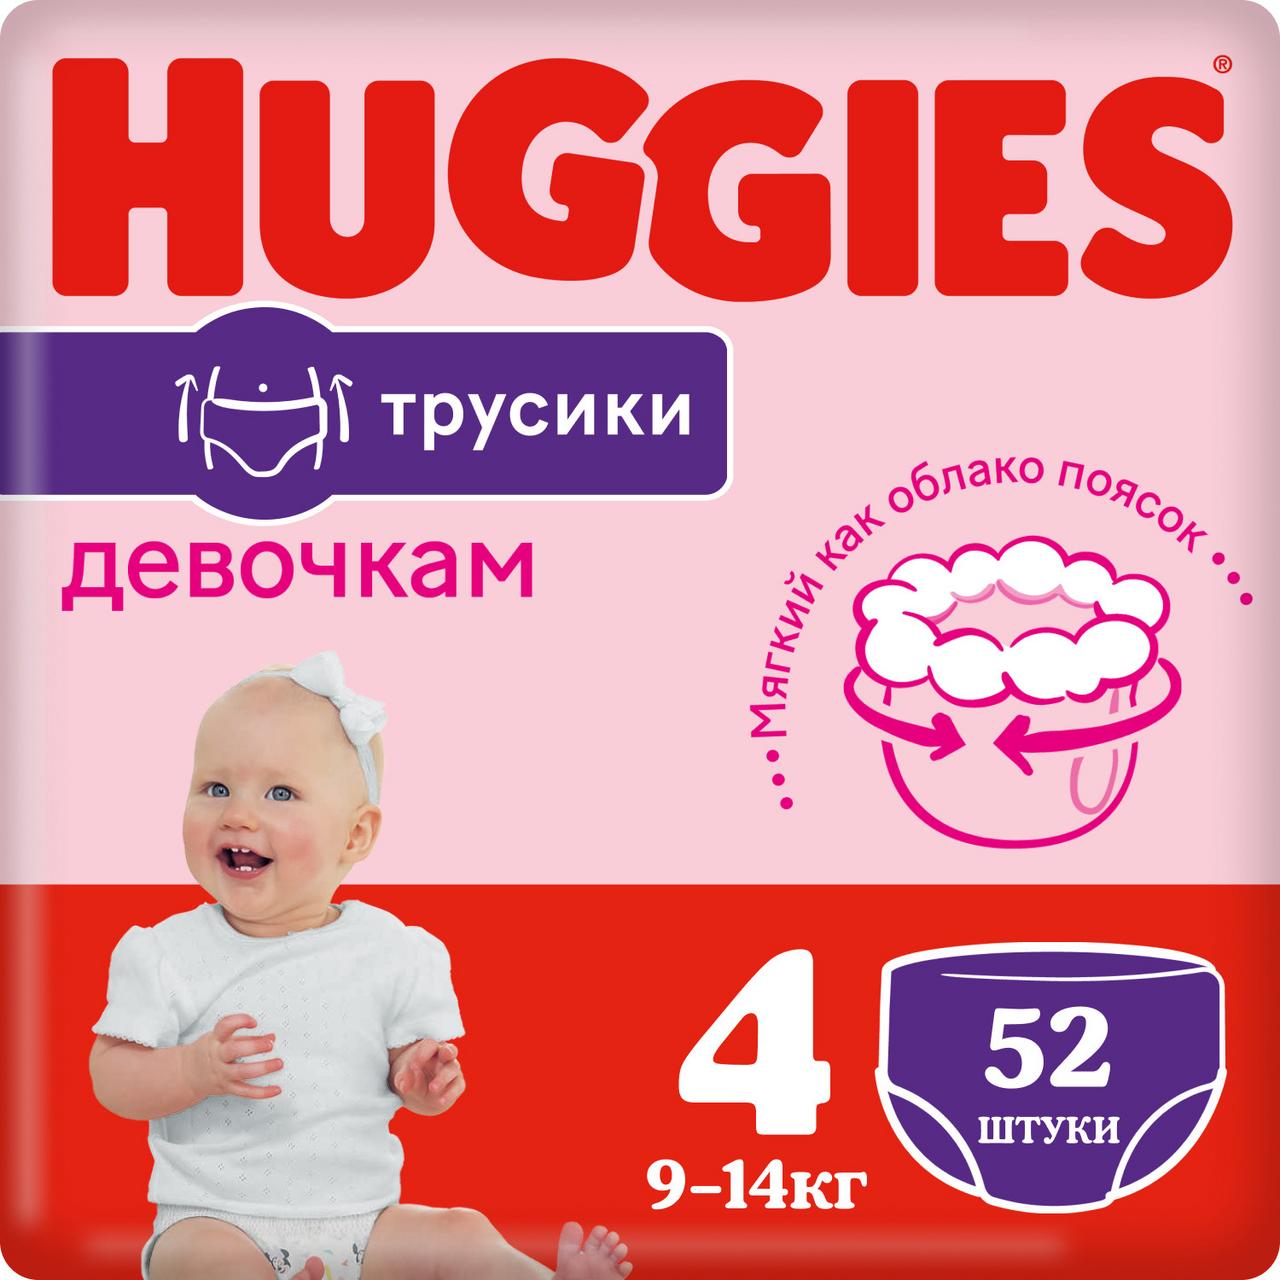 Трусики HUGGIES для девочек 4 (9-14кг), 52 шт.